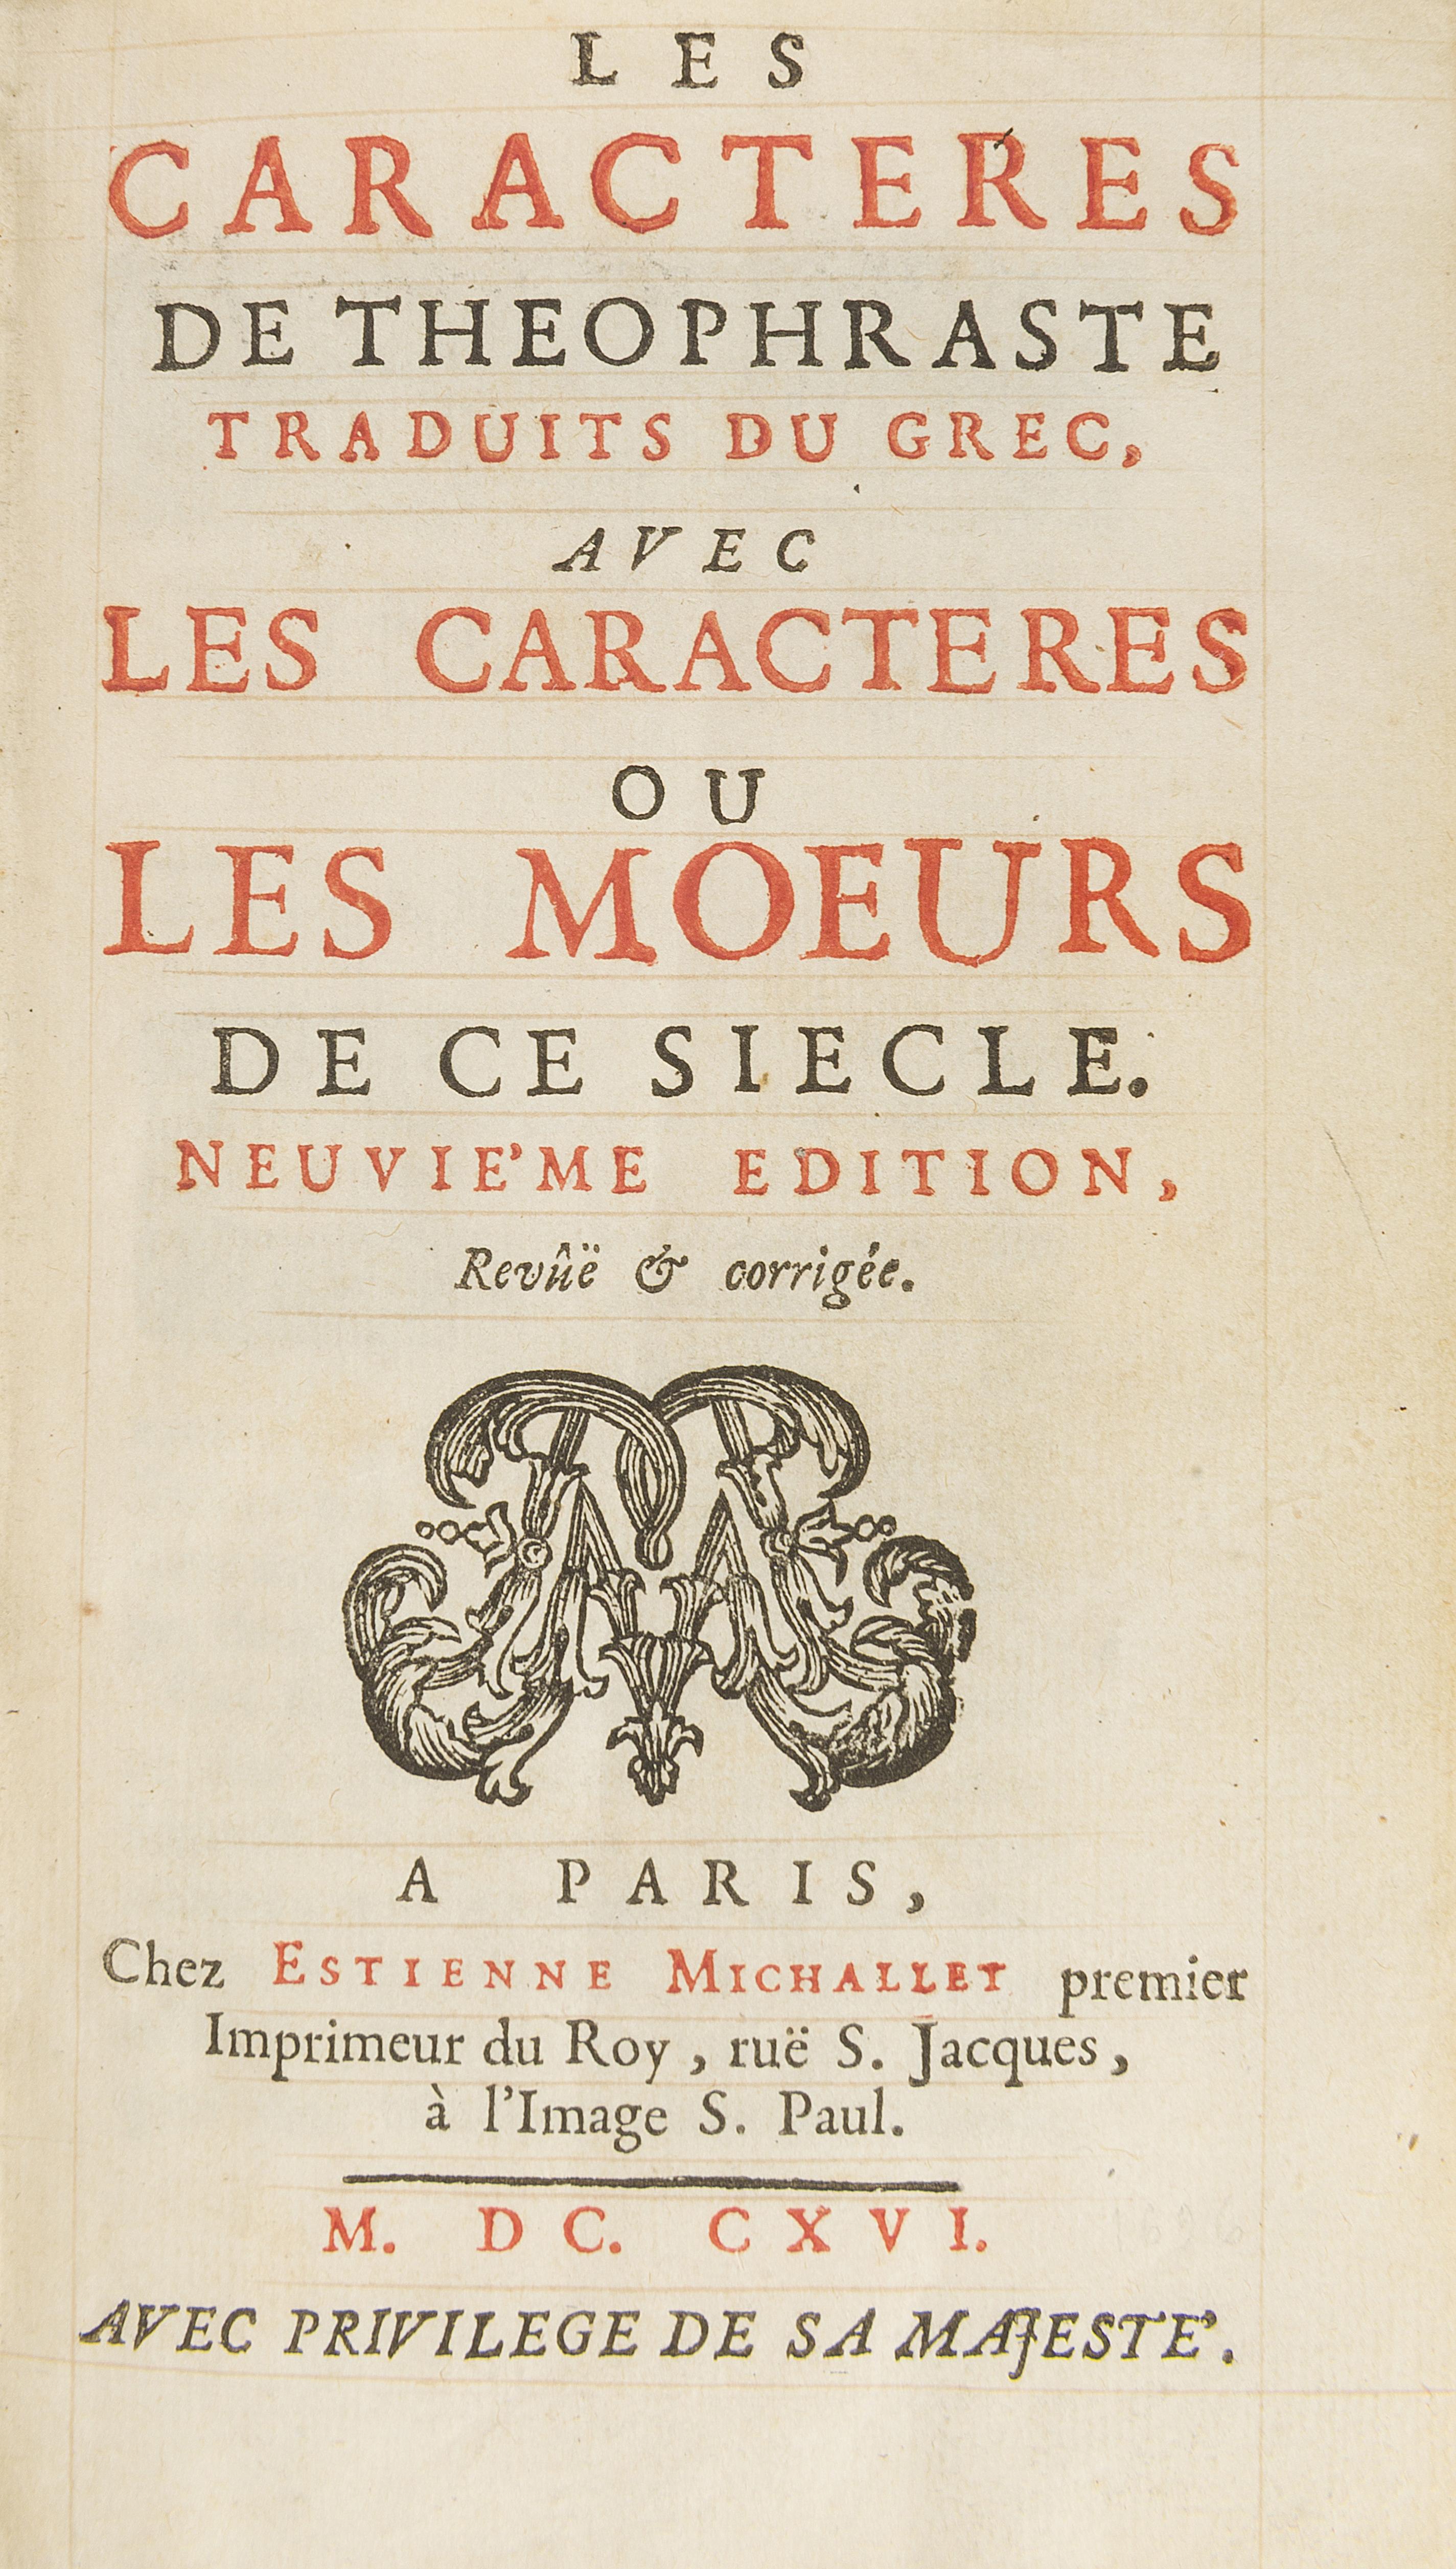 27. LA BRUYÈRE. Les Caractères de Théophraste. Paris, E. Michallet, 1716 [pour 1696].